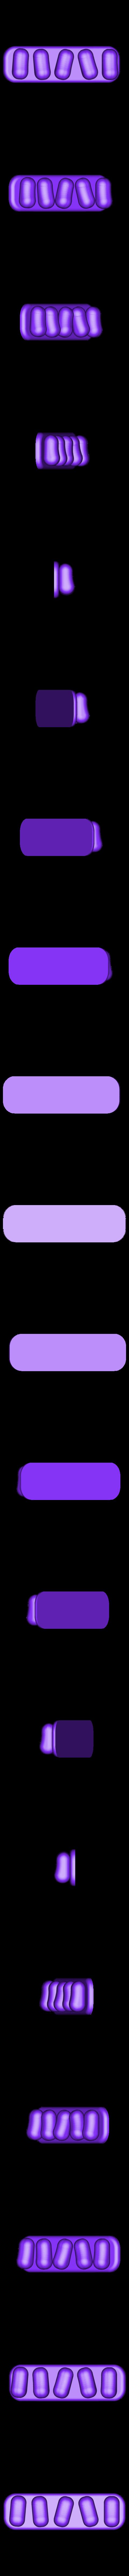 mame.stl Télécharger fichier STL gratuit Support de câble USB (série mame) • Plan à imprimer en 3D, EIKICHI